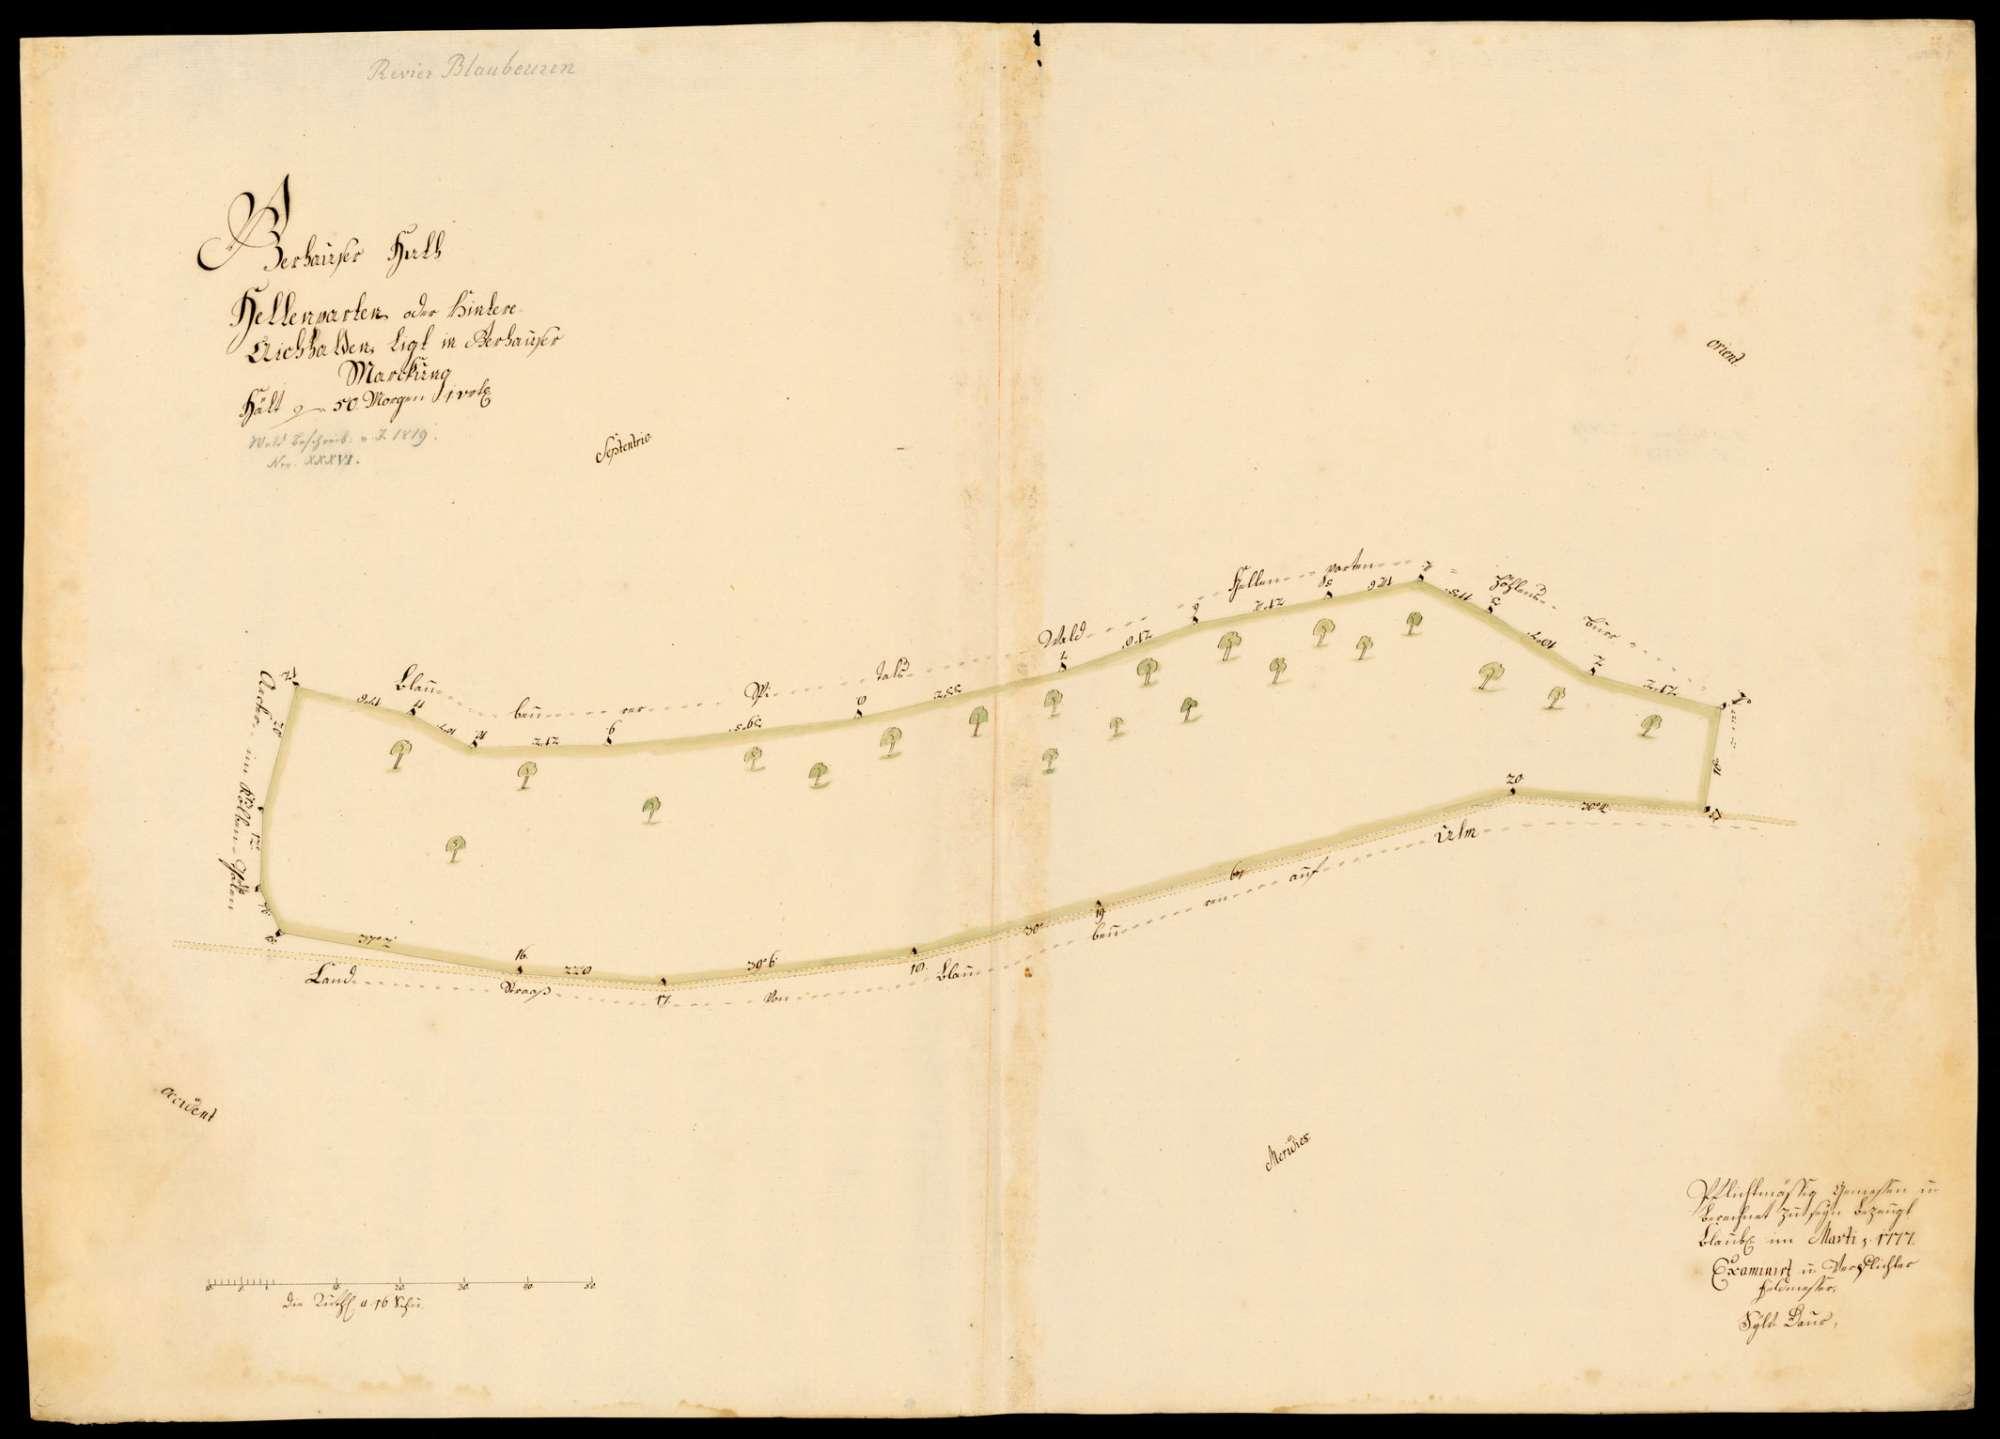 """[Kloster Blaubeuren:] """"Gerhauser Hut, Hellenparten oder hintere Aichhalden, liegt in Gerhauser Markung"""", Bild 1"""